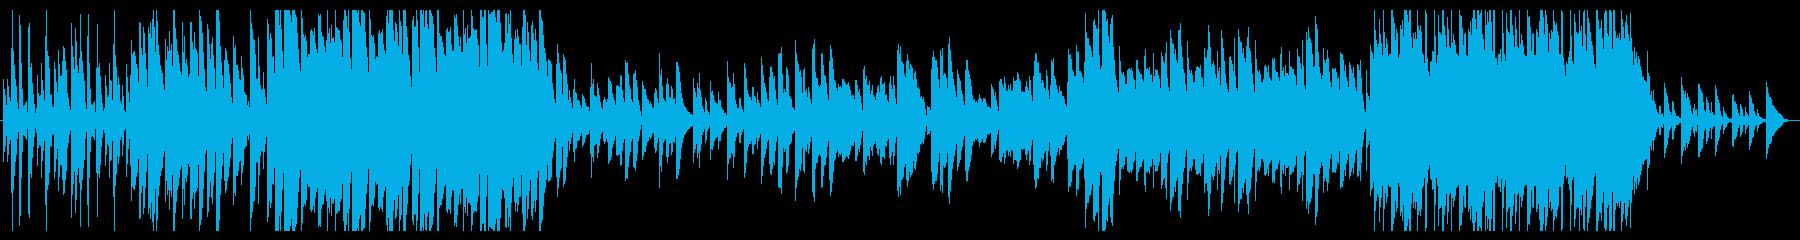 切ない雰囲気のピアノバラードの再生済みの波形